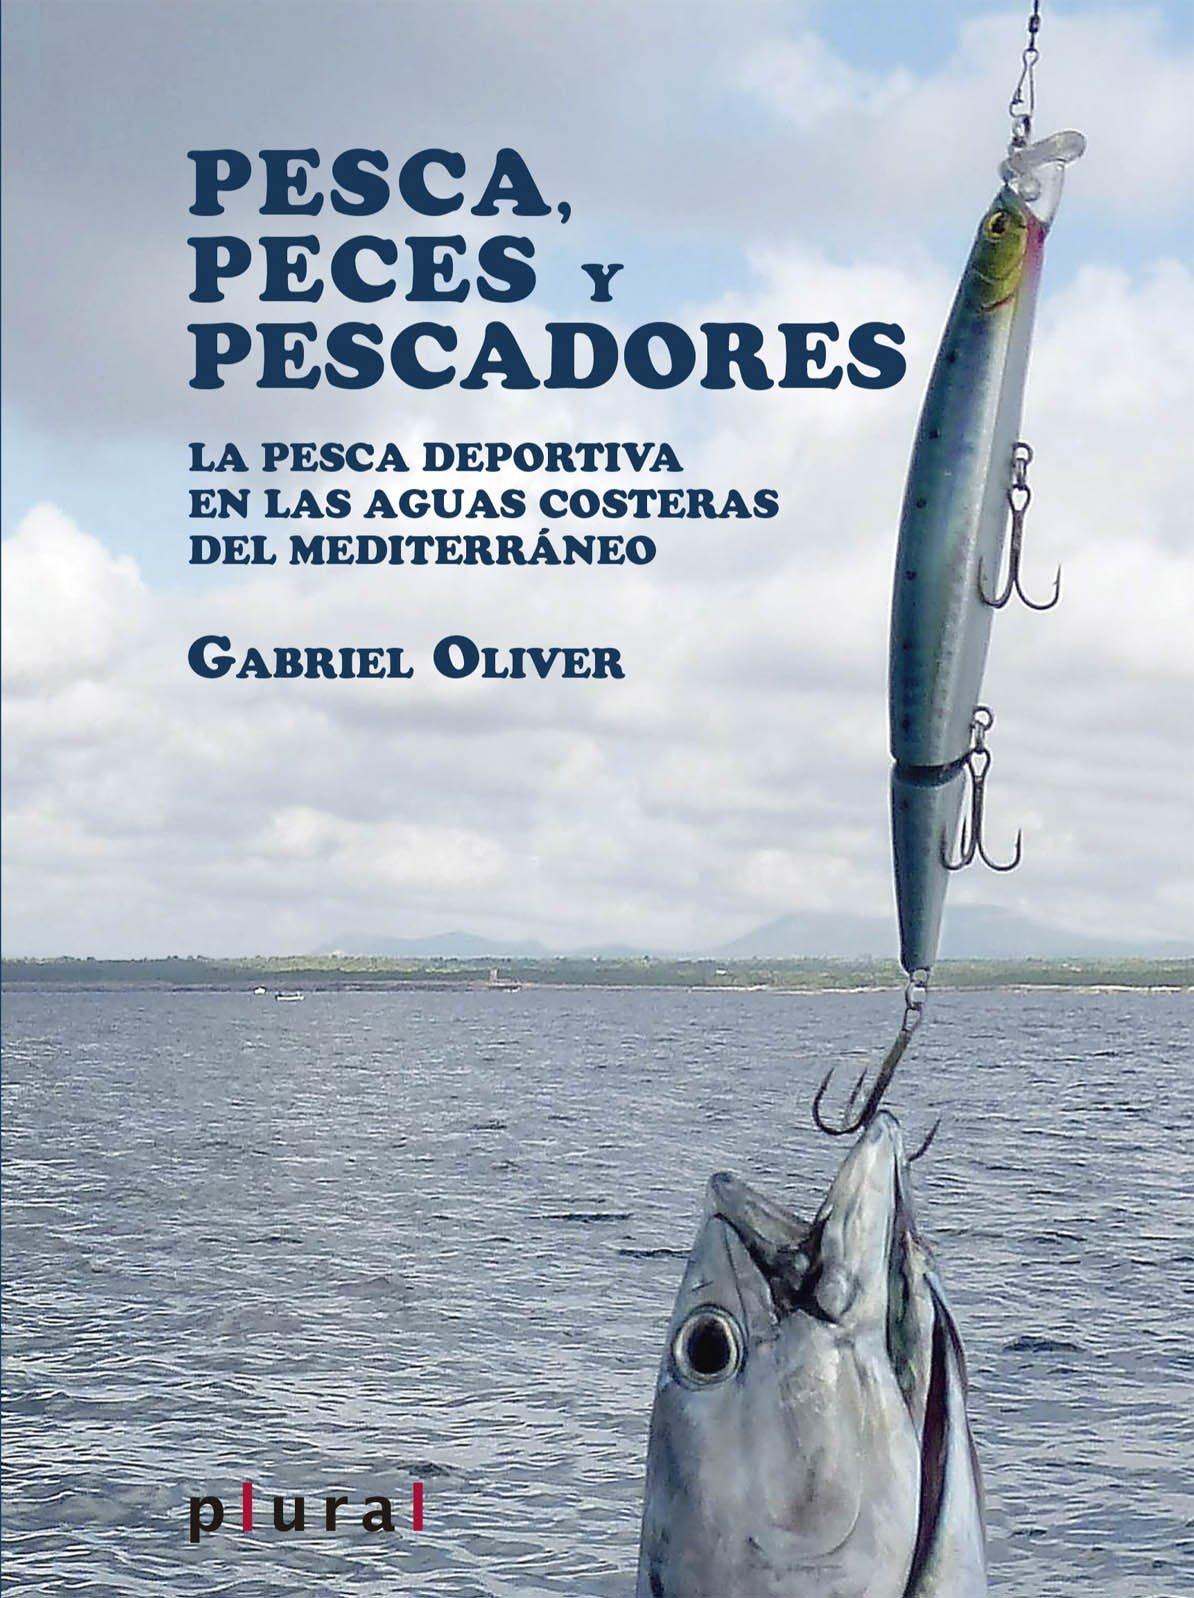 Pesca peces y pescadores (Plural)